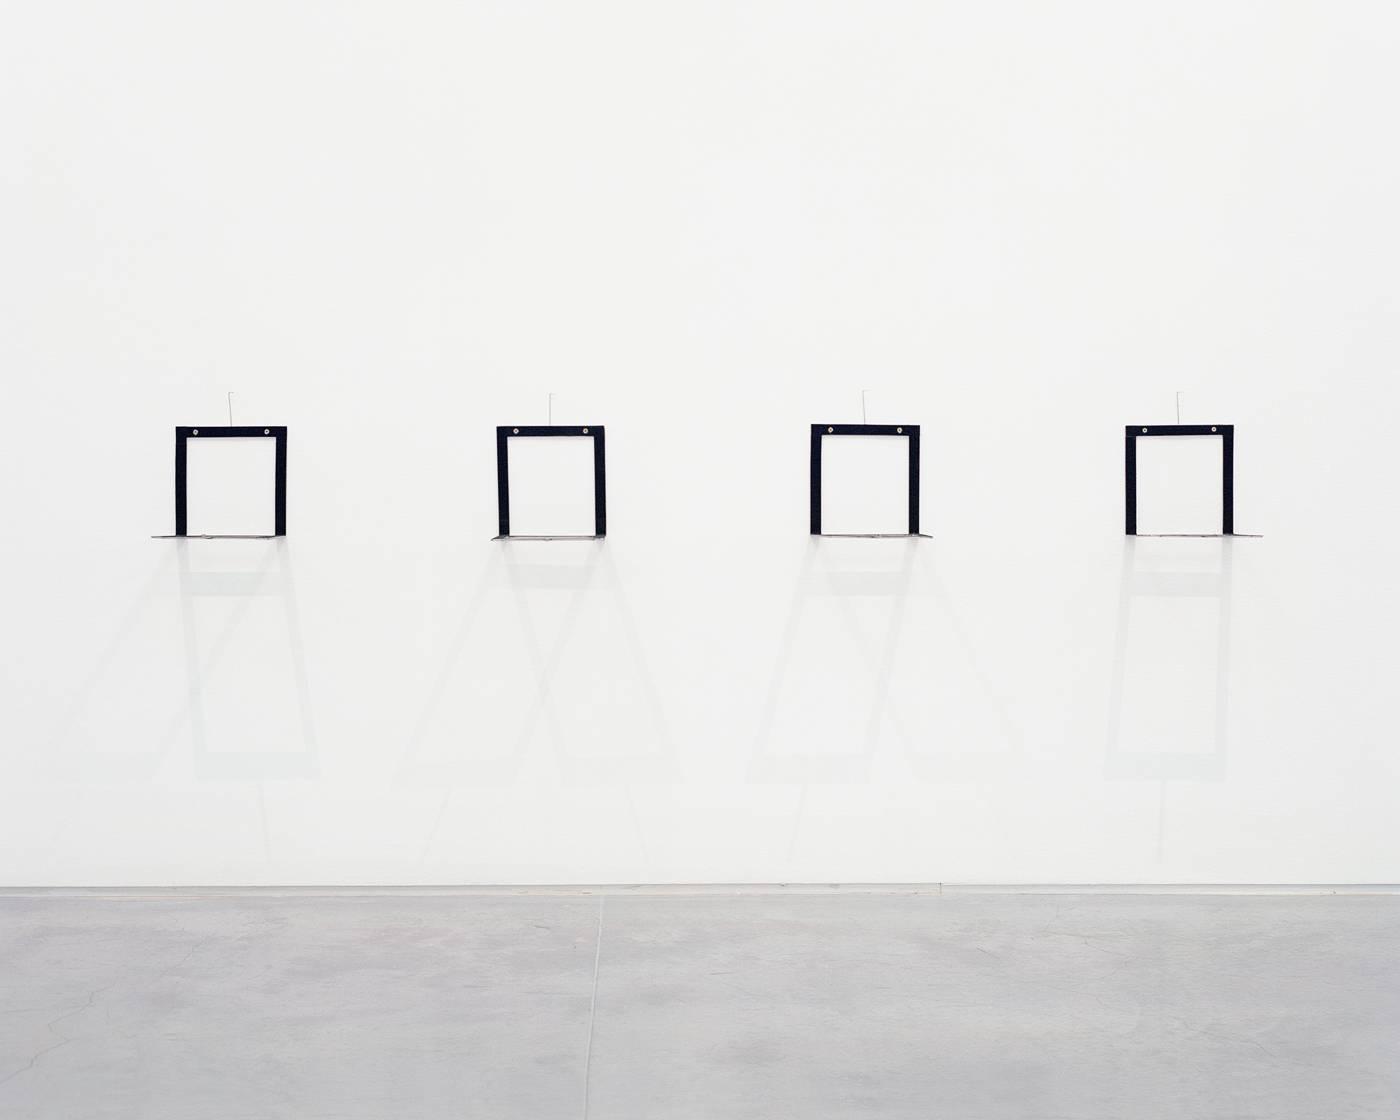 אחרי גוסטב מצגר, ״עדות ופעולה״, מוזיאון תל אביב לאמנות